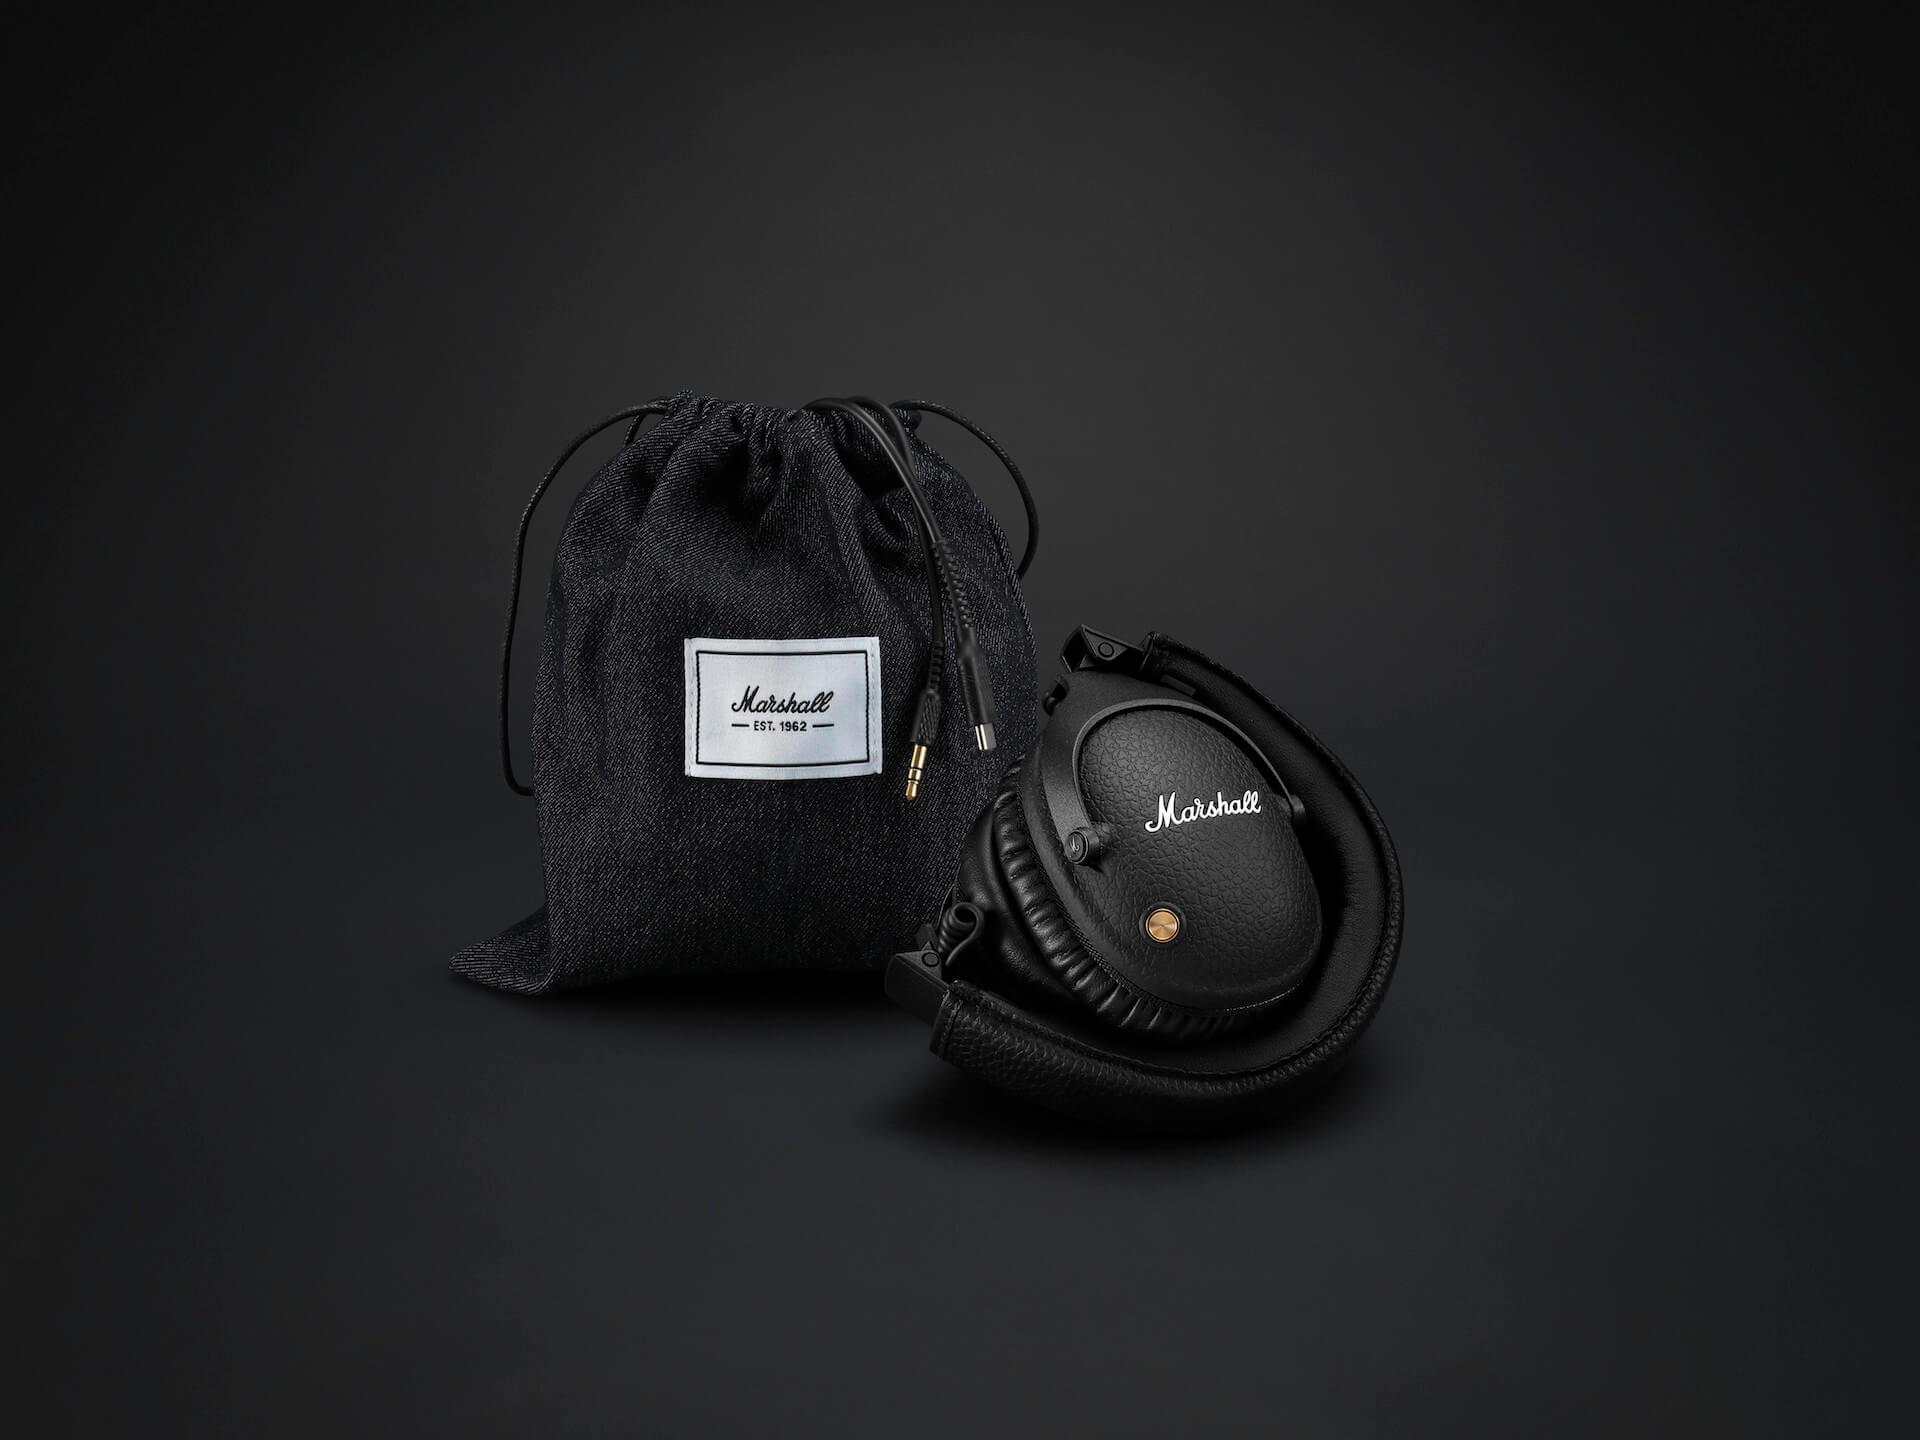 1回の充電で約30時間の連続再生が可能!Marshallのノイズキャンセリング機能付きヘッドホン「MonitorIIA.N.C」が発売決定 tech200615_marshall_8